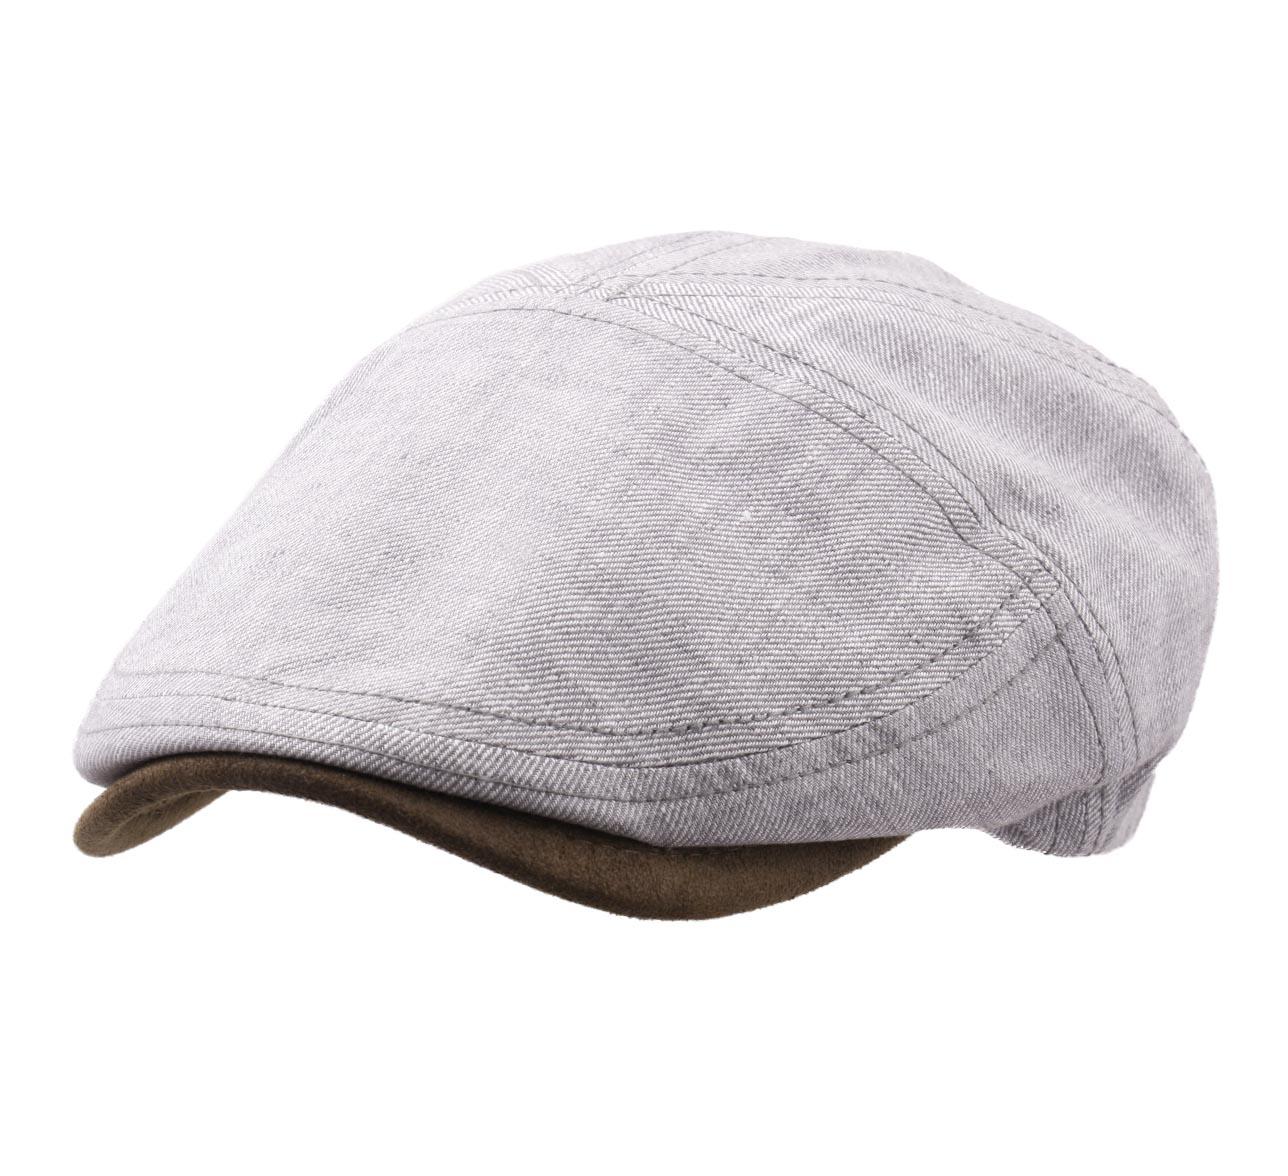 Casquette : quels sont les différents types de casquettes ?